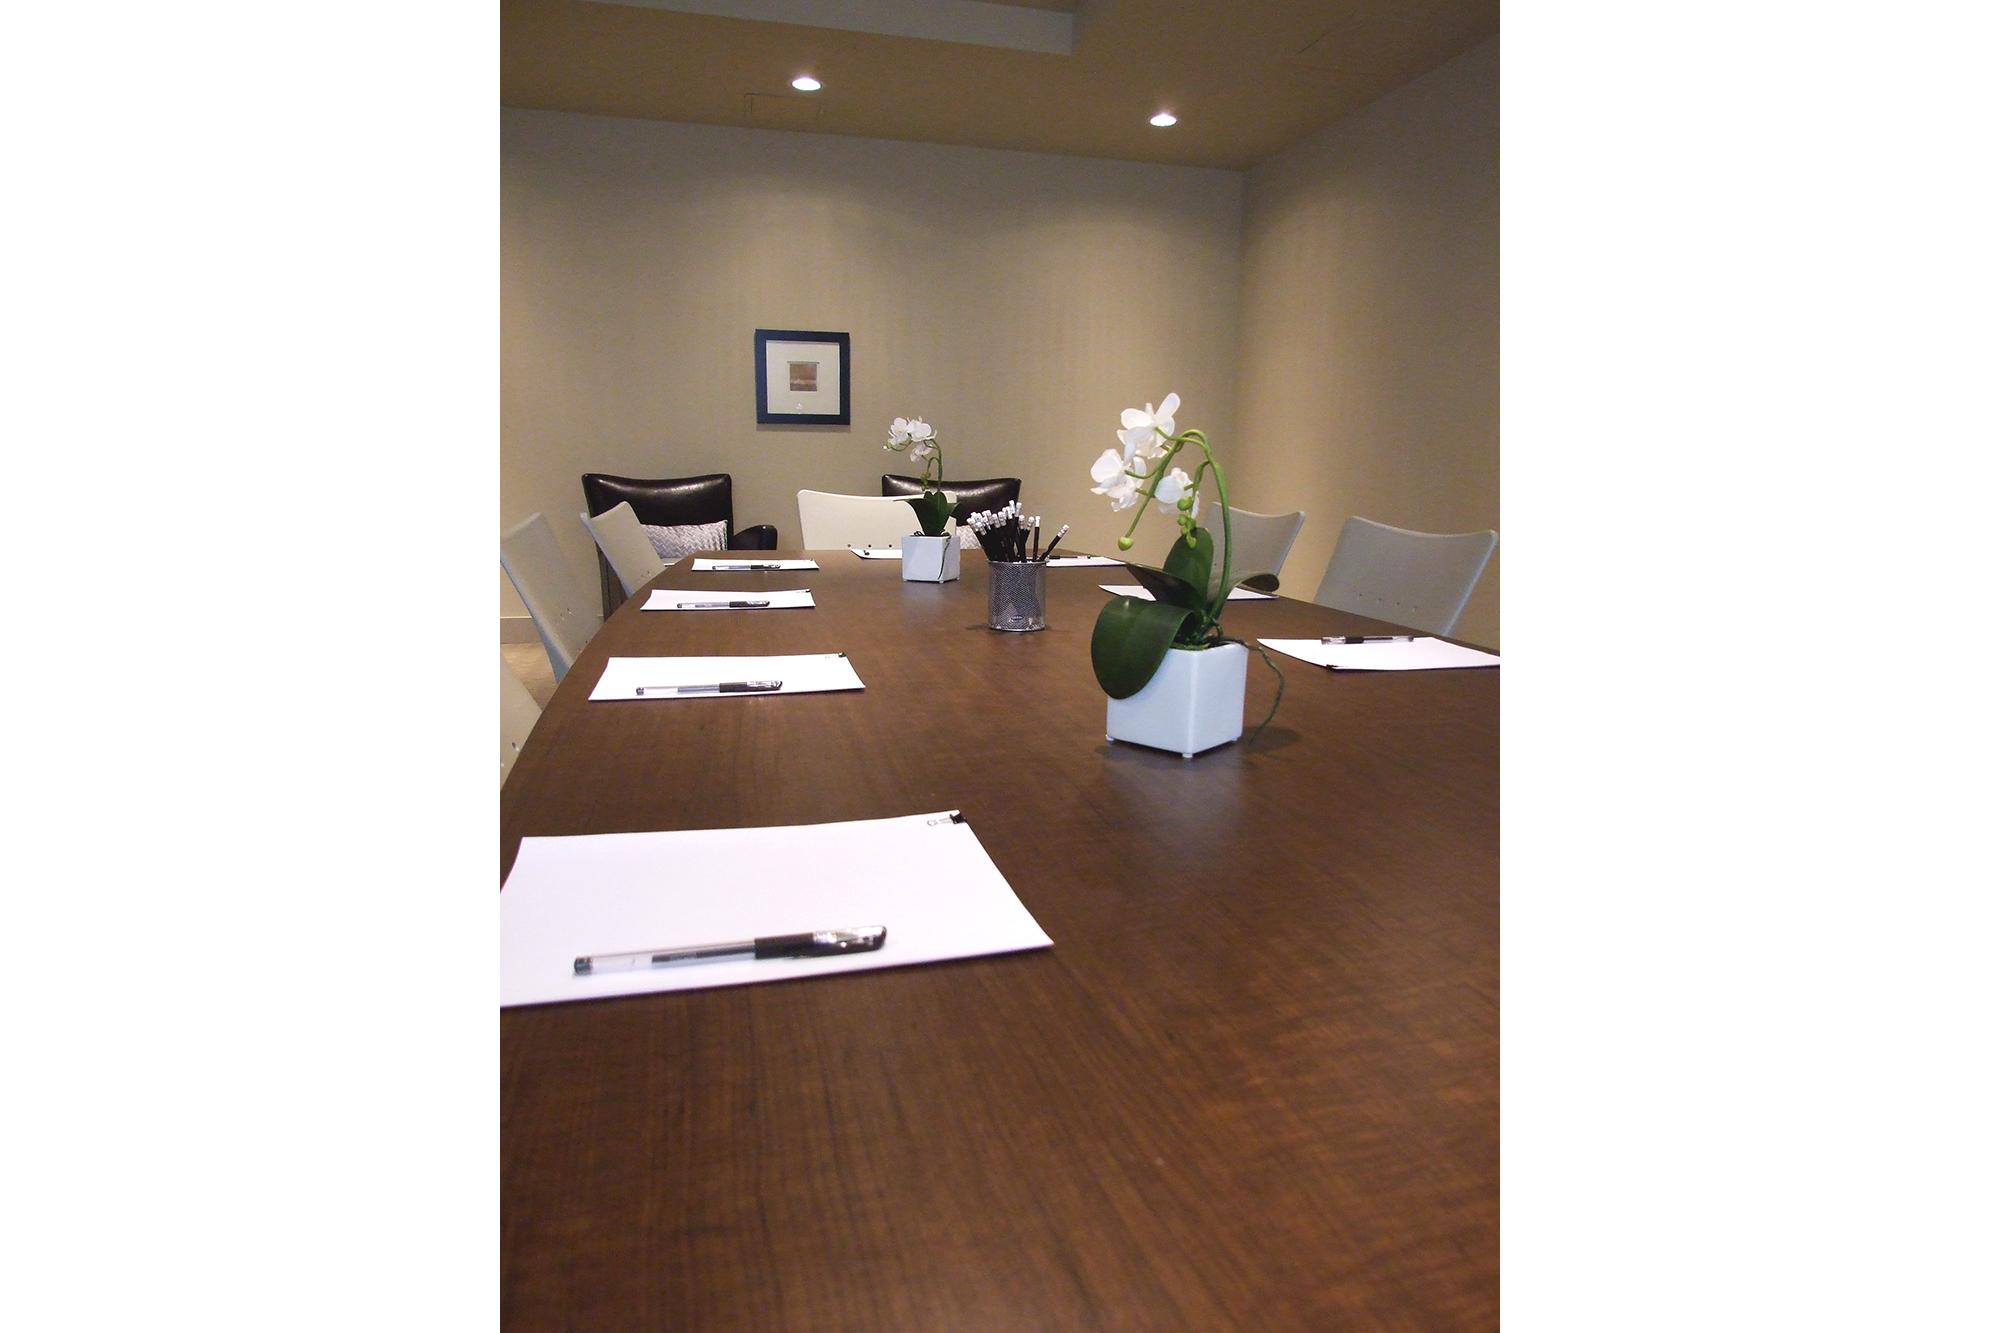 Invue_meetingroom_0004b.jpg